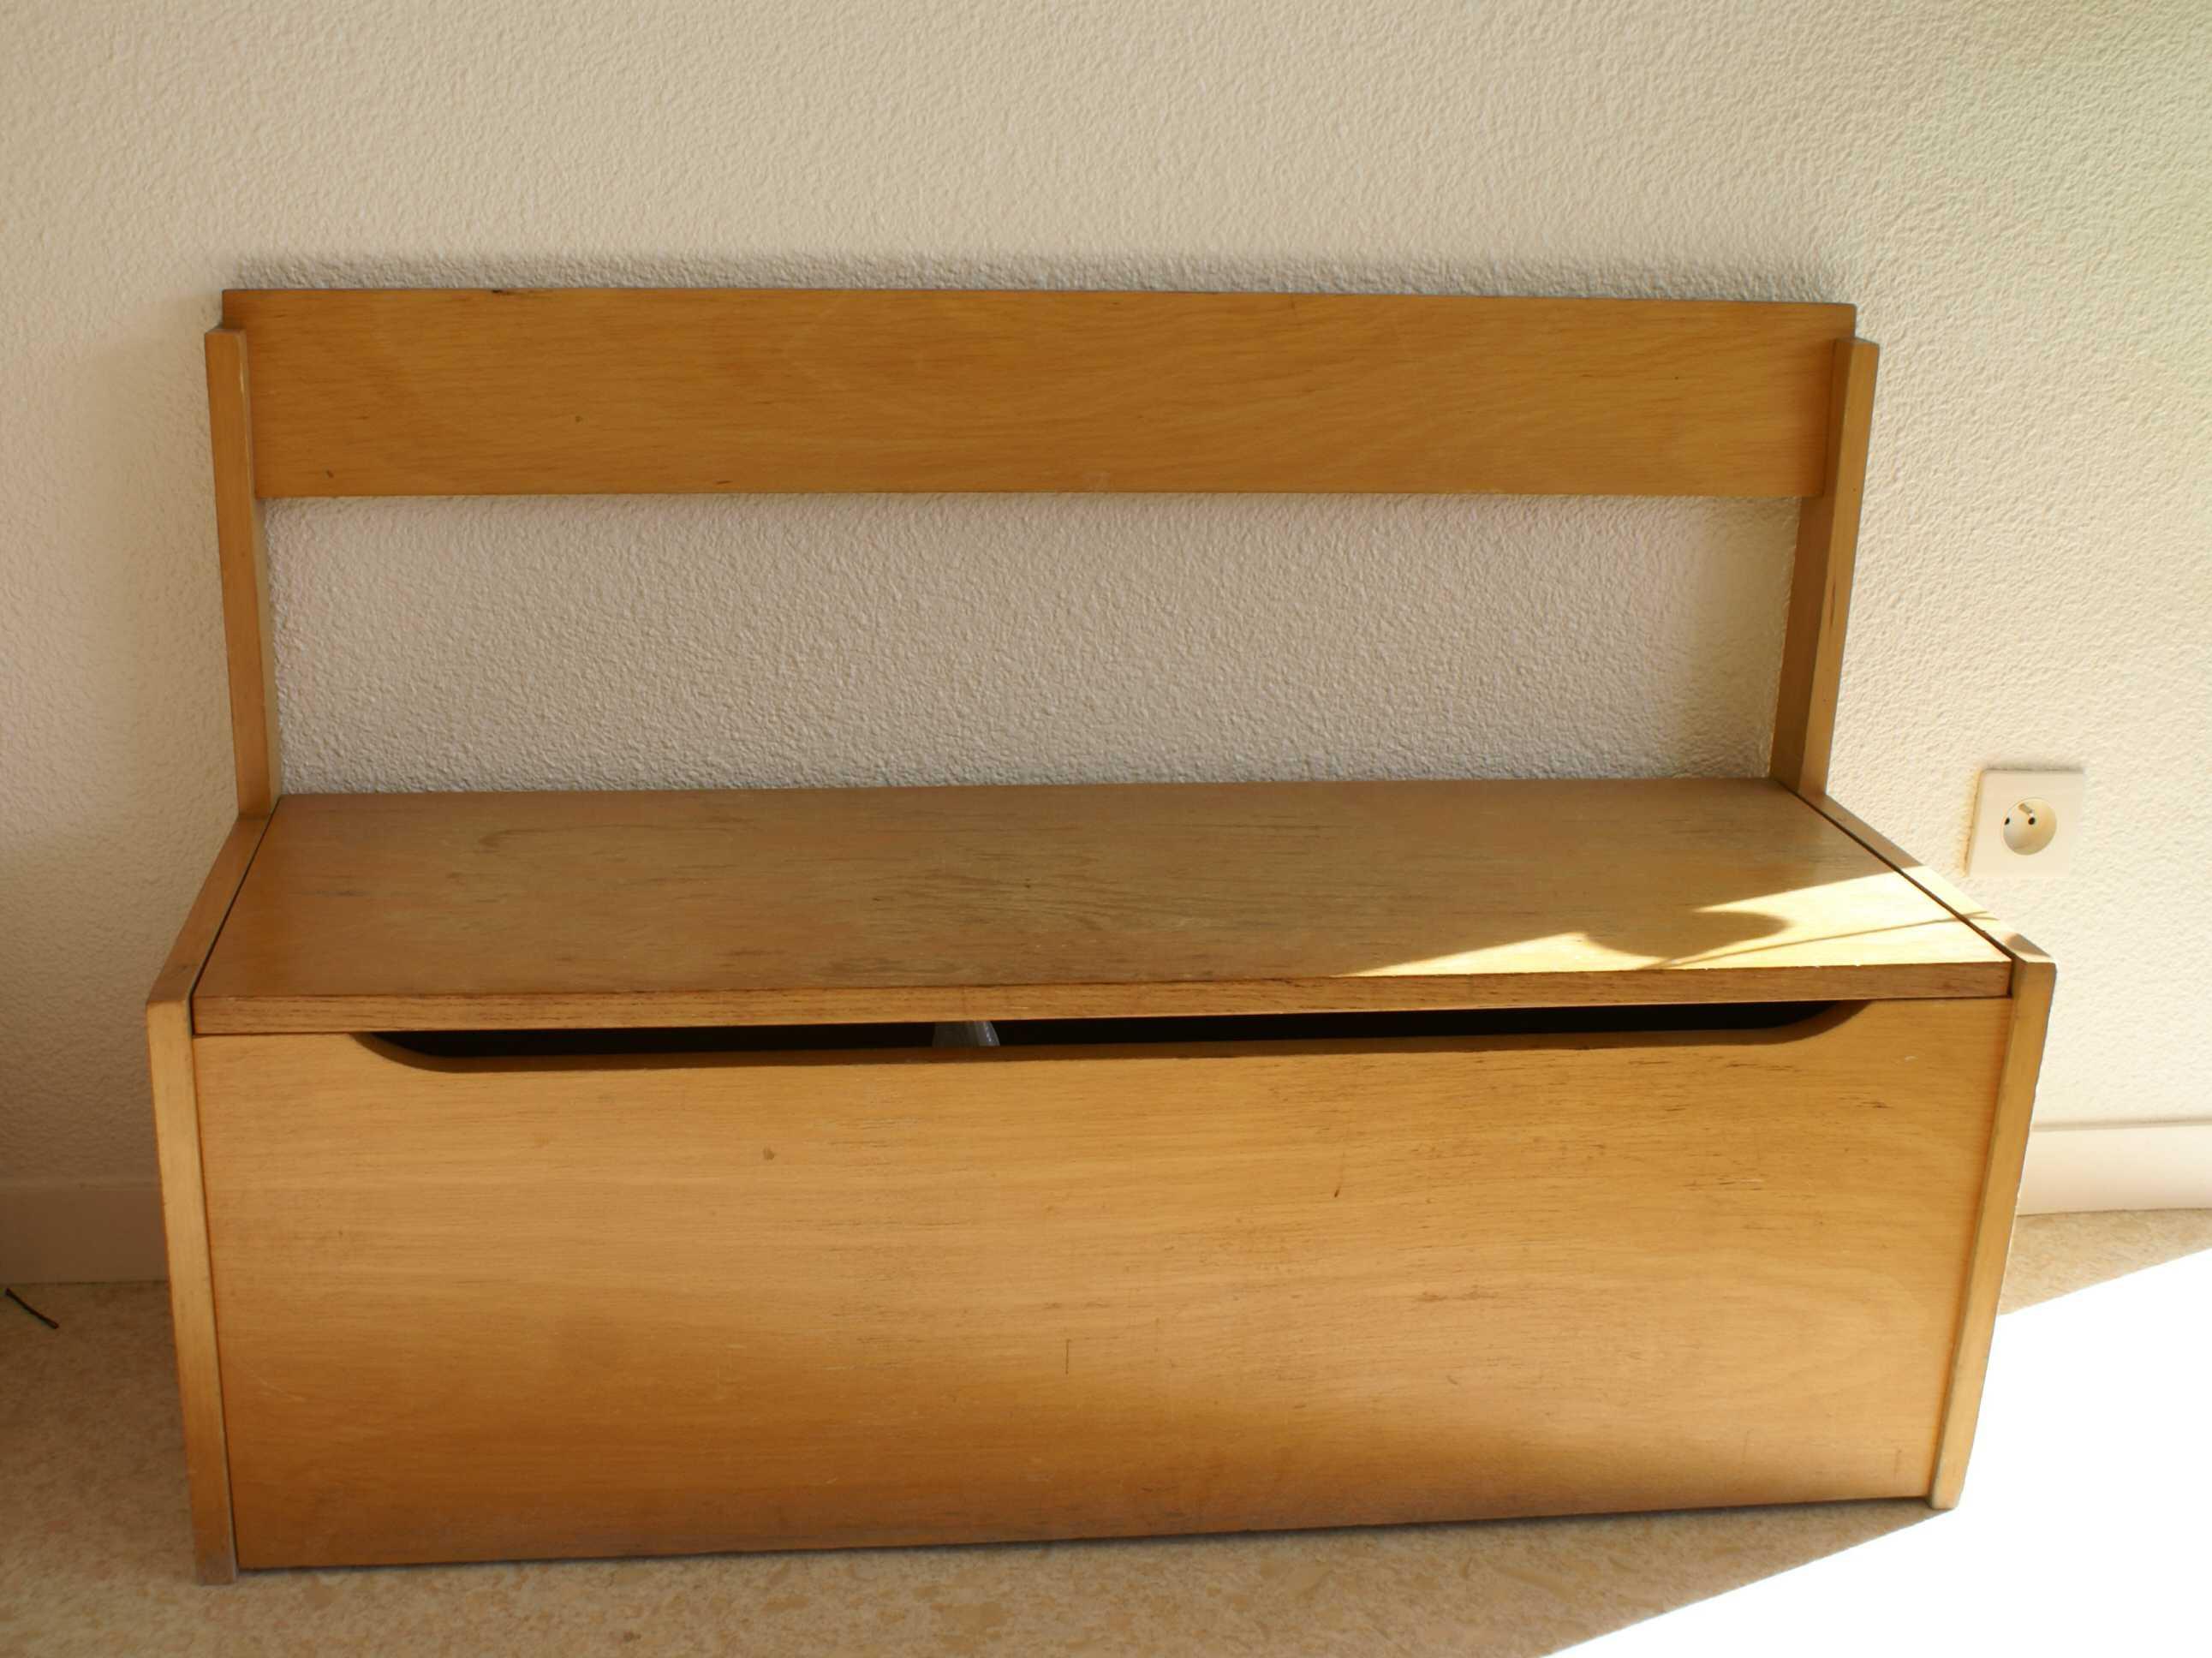 Coffre A Jouet En Bois Ikea Impressionnant Collection Coffre De Jardin Ikea Pour Sans Défaut Coffre Jouet Coffre A Jouets